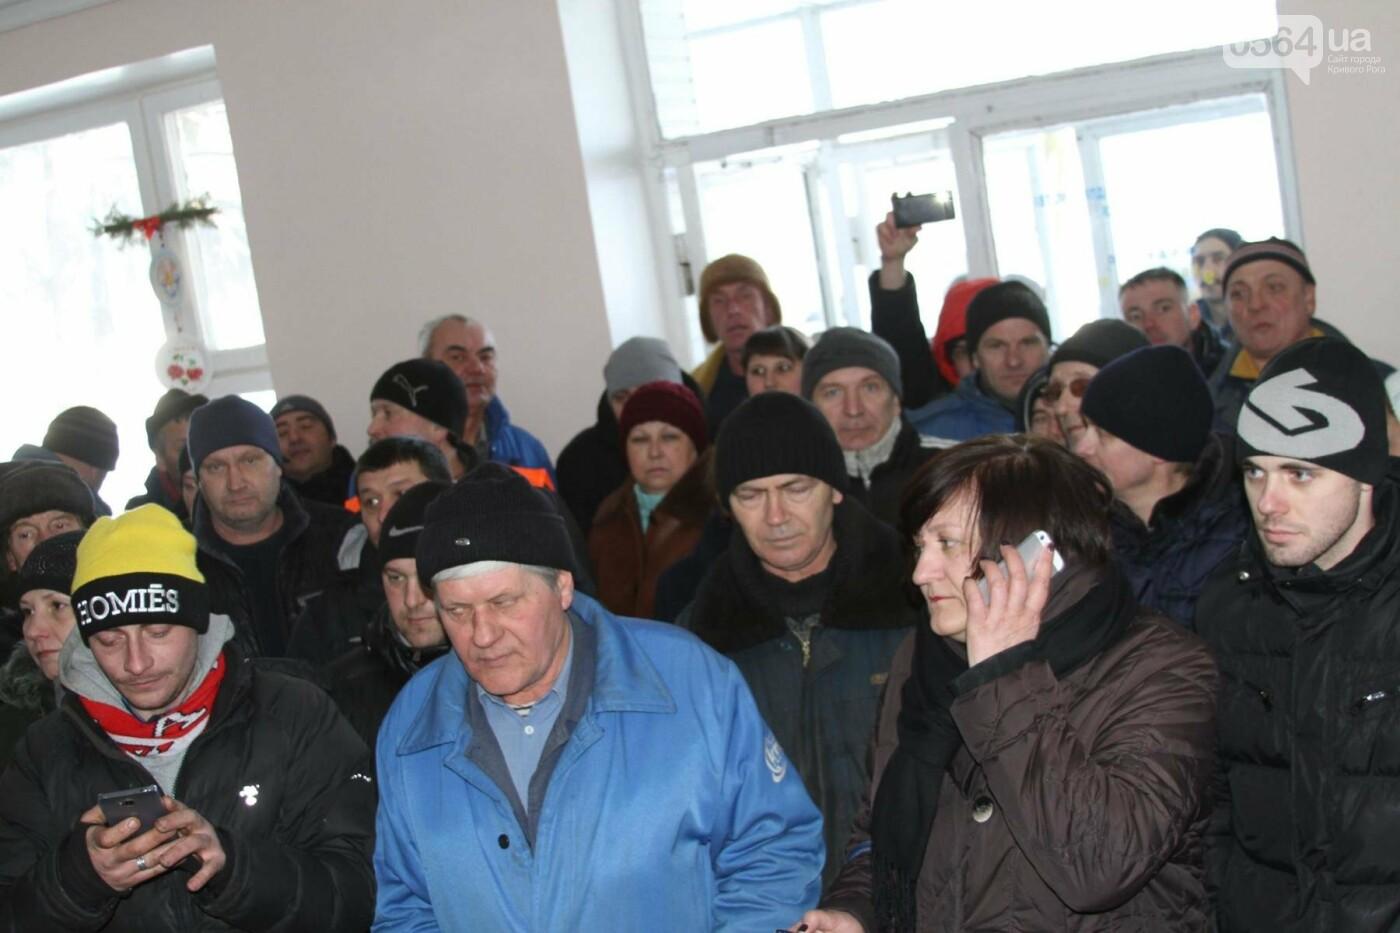 В Кривом Роге сотрудники КПВС митингуют, опасаясь, что город останется без воды  (ФОТО, ВИДЕО), фото-11